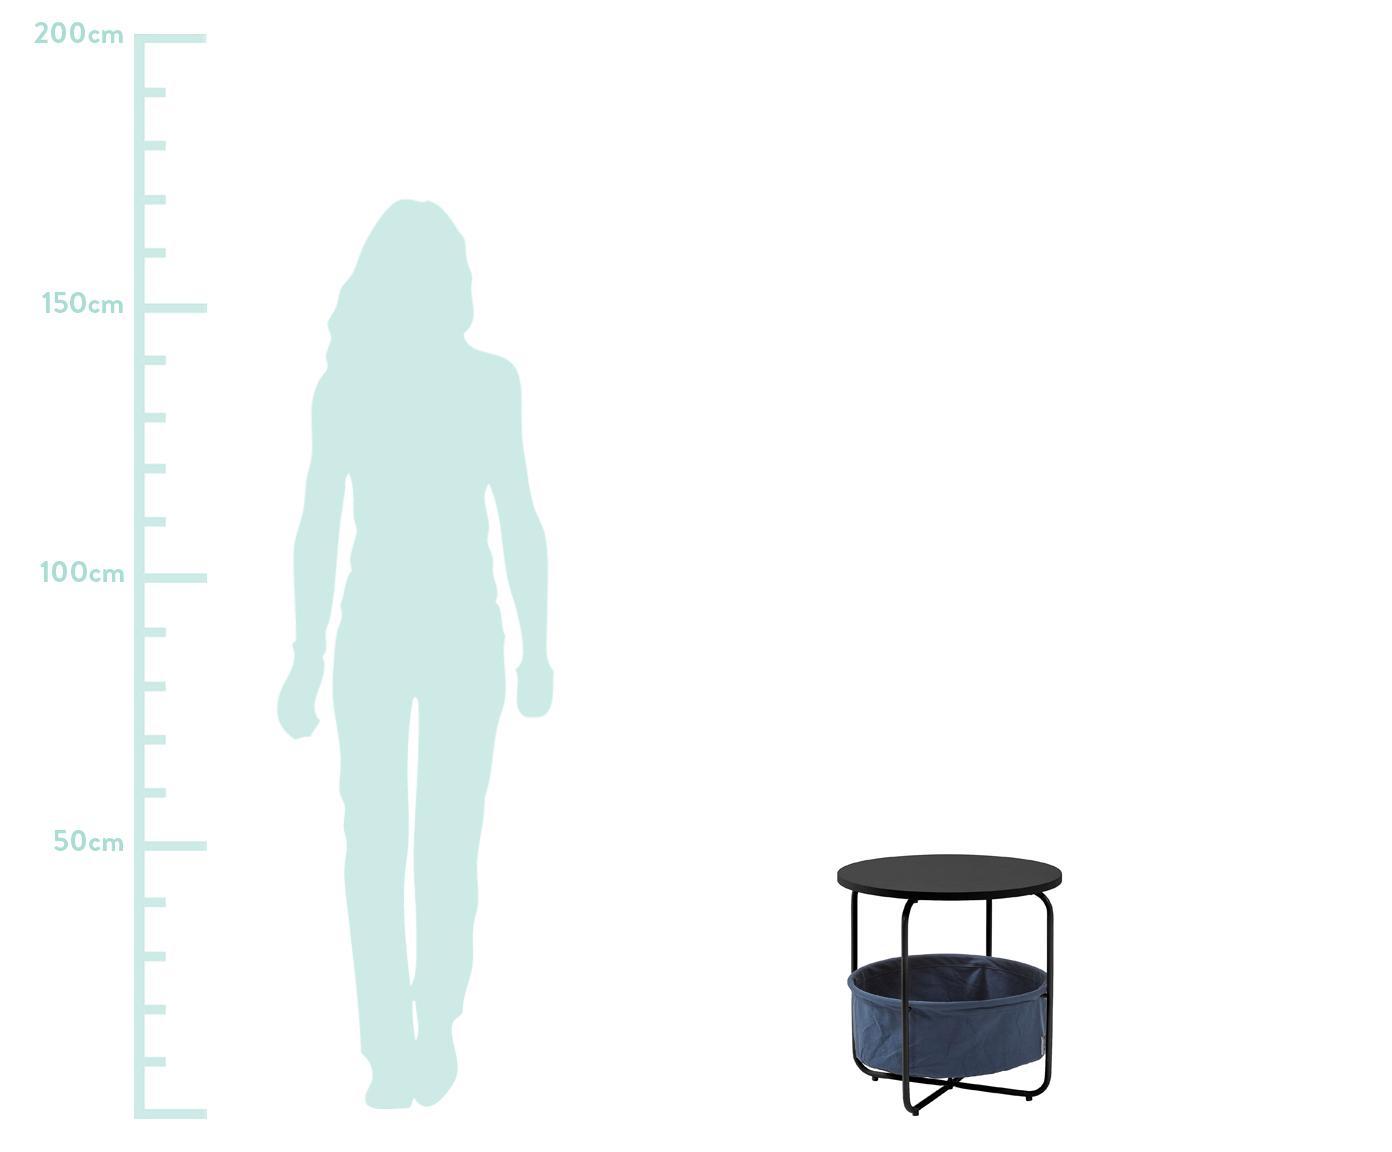 Runder Beistelltisch Specter mit Stauraum, Tischplatte: Mitteldichte Holzfaserpla, Gestell: Metall, lackiert, Korb: Fester Webstoff, Schwarz, Dunkelblau, Ø 42 x H 43 cm